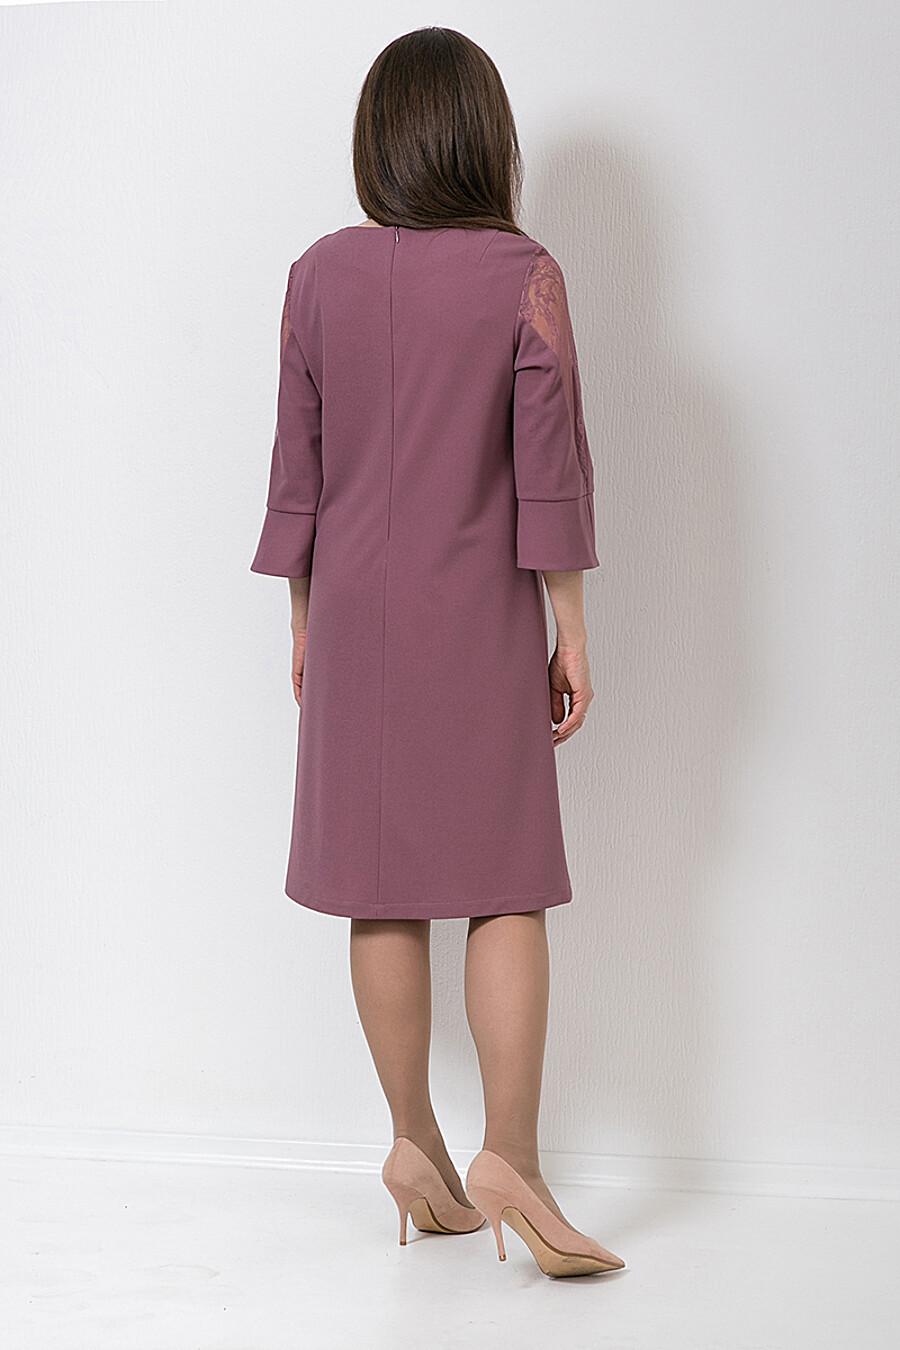 Платье MODELLOS (271310), купить в Moyo.moda